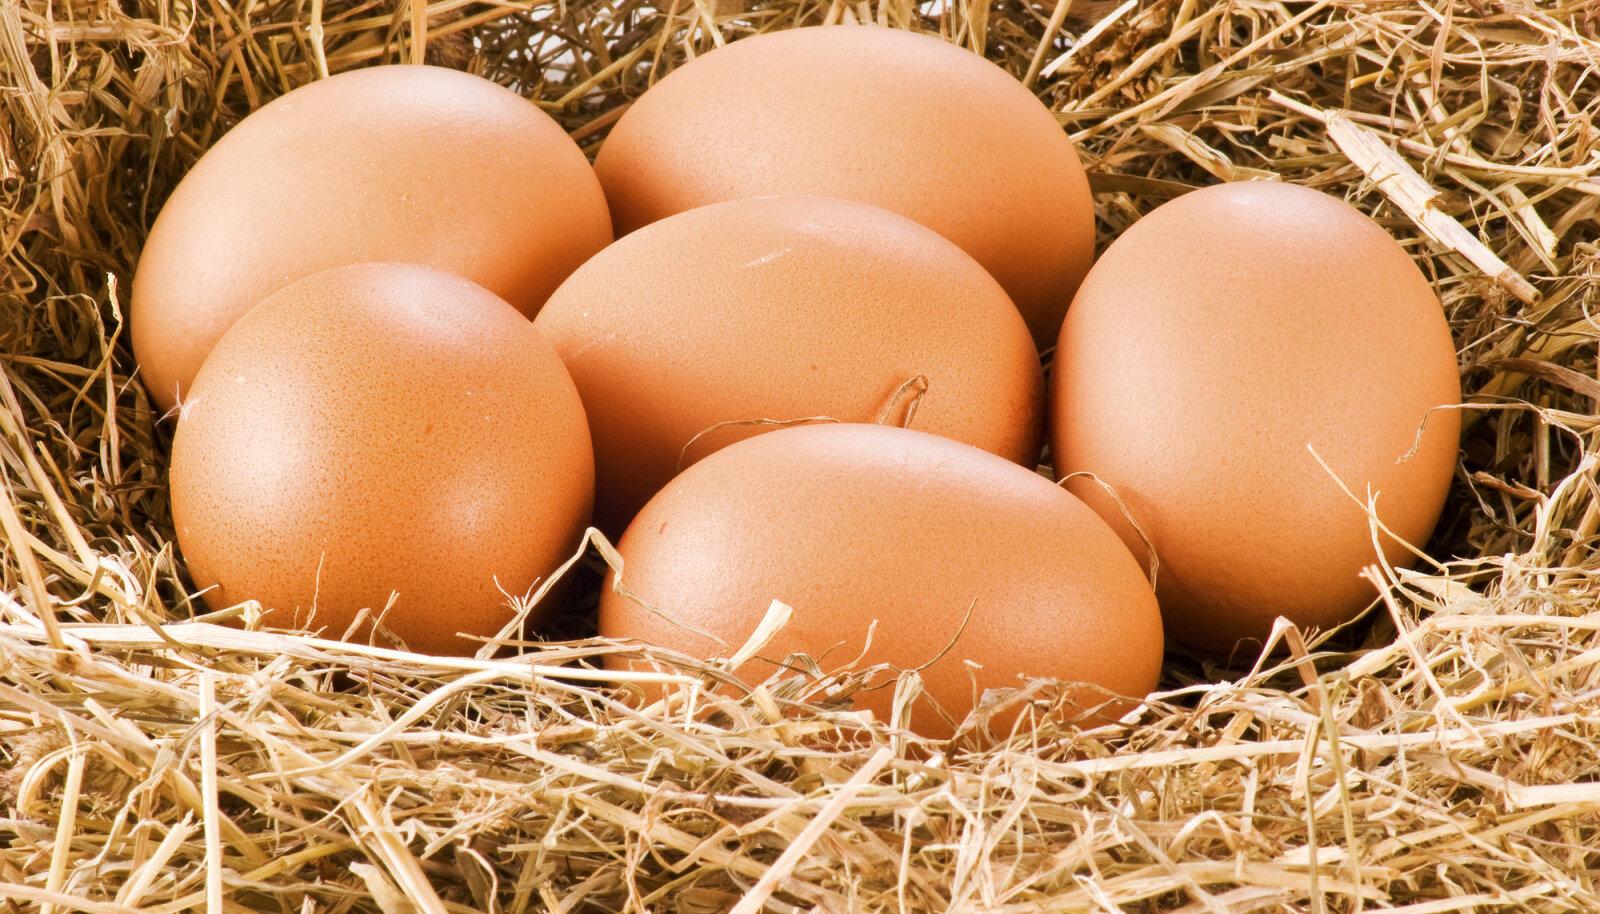 Vabakäigukanade munad sisaldavad rohkem E-vitamiini